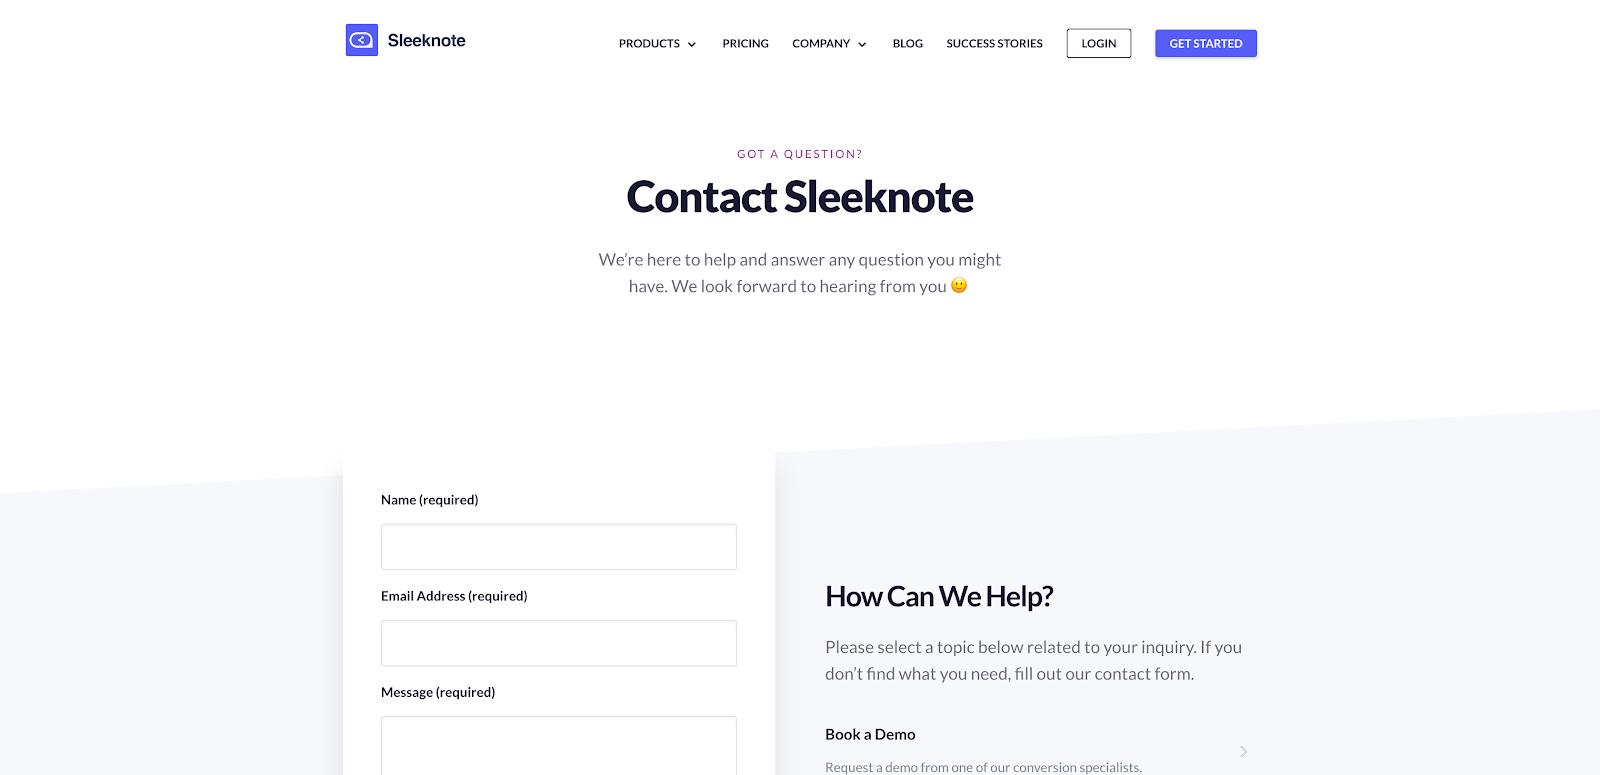 Sleeknote Contact Us